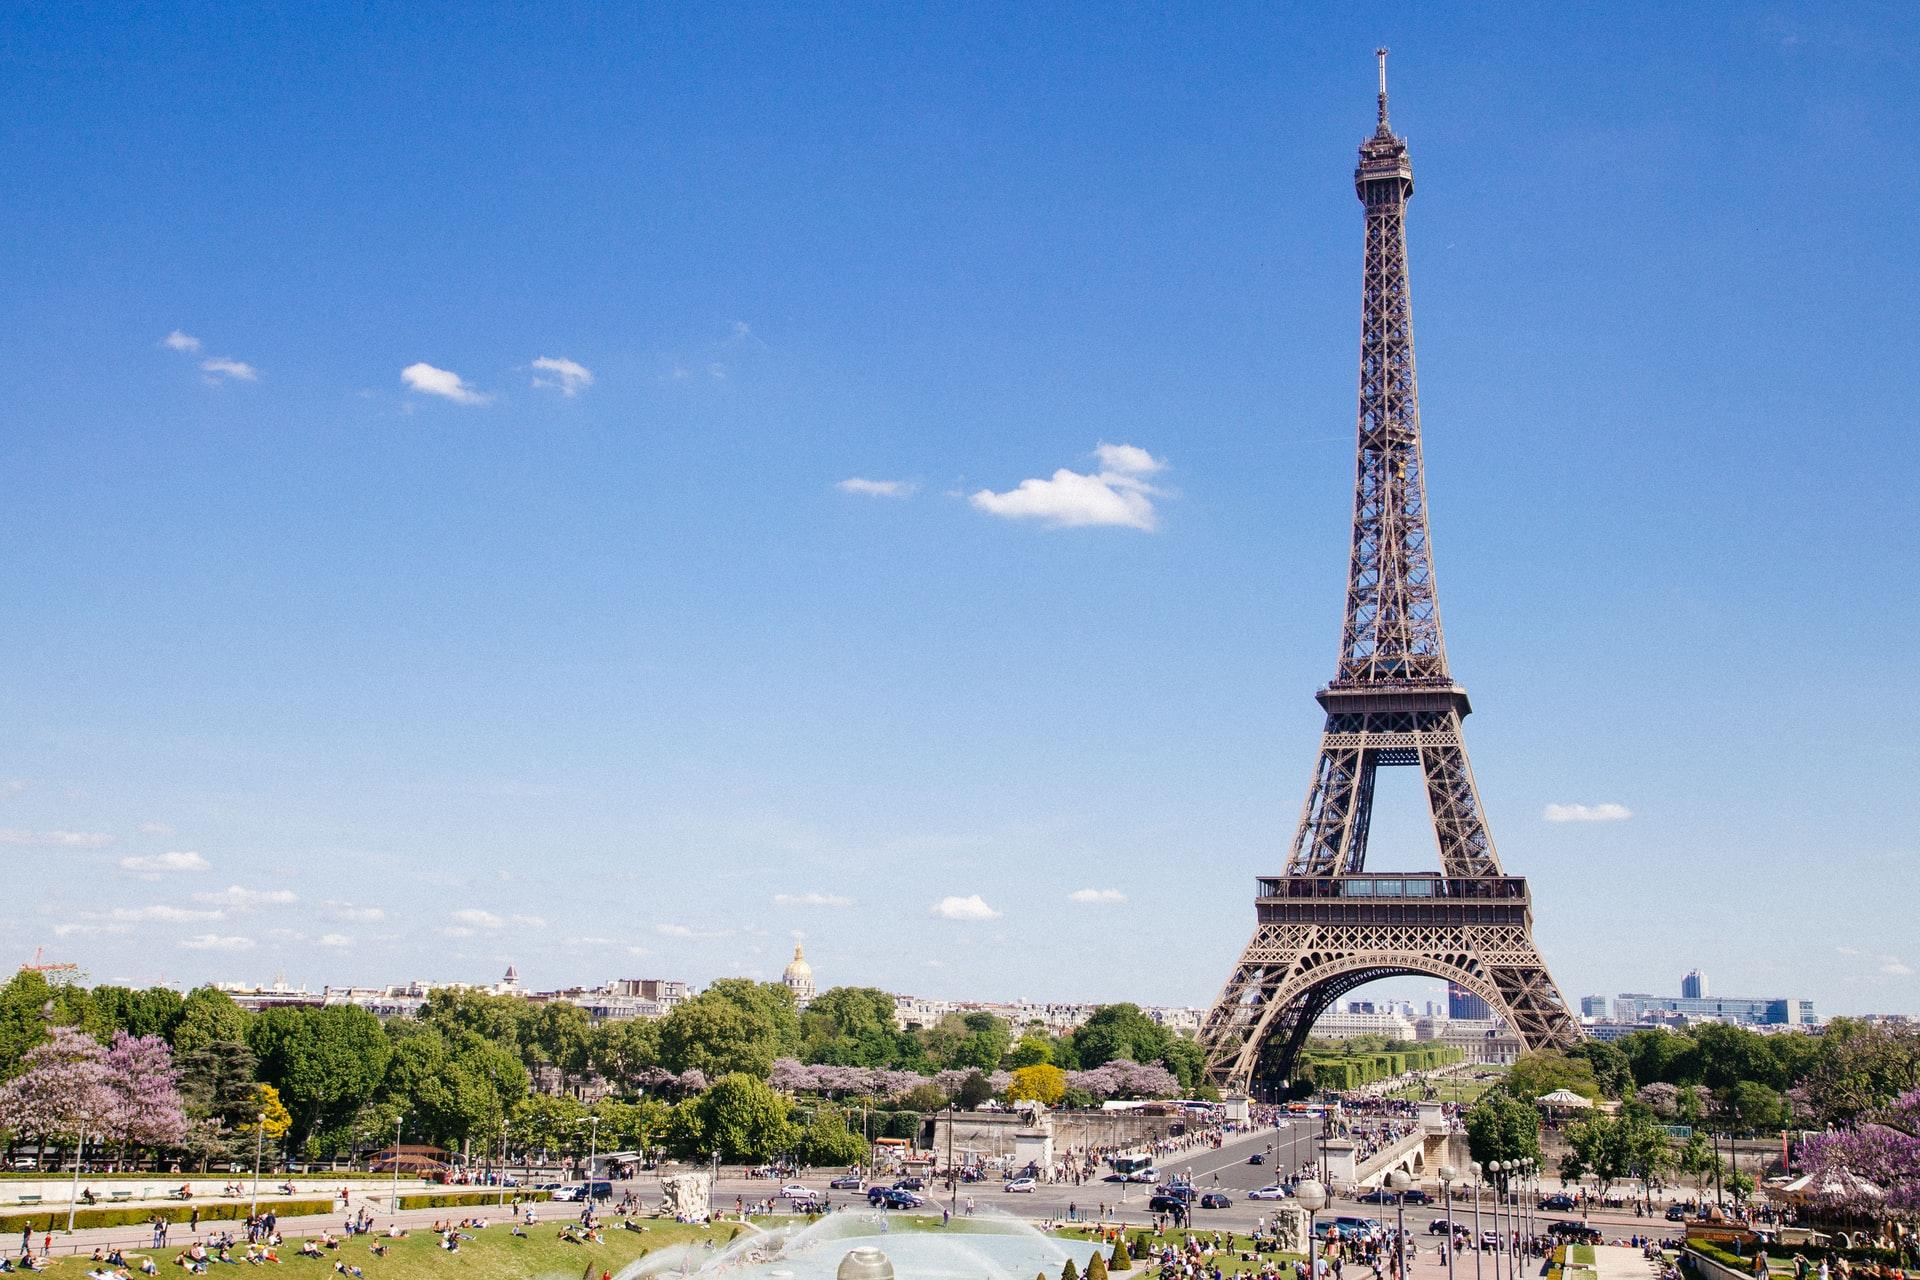 Paris Eiffel Tower - anthony-delanoix-QAwciFlS1g4-unsplash